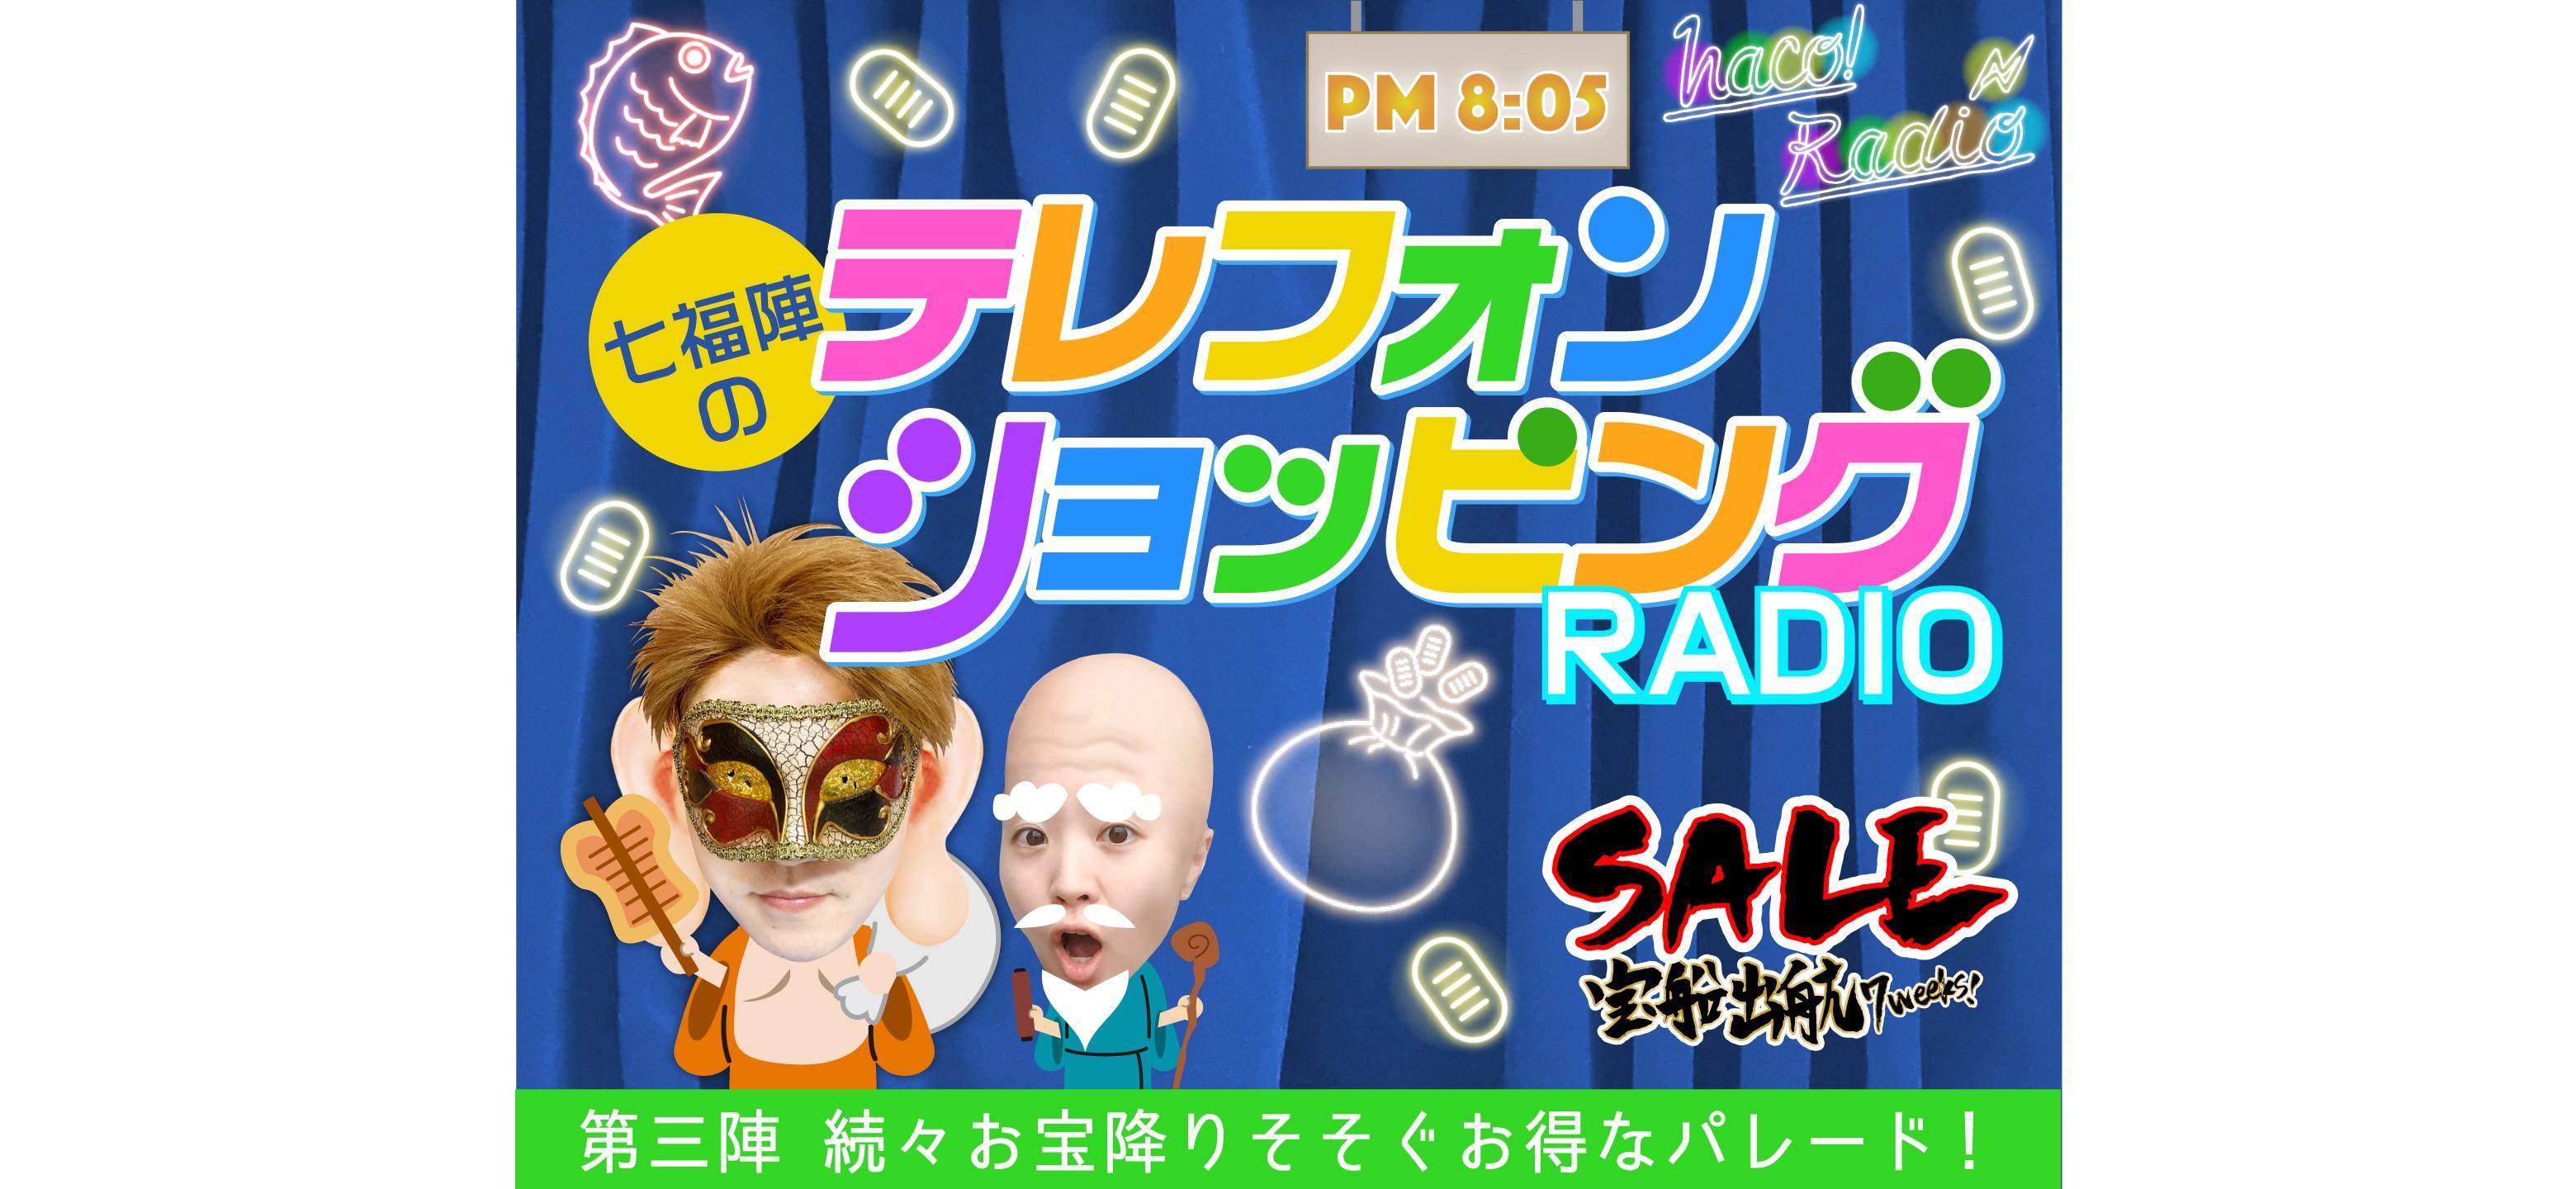 七福陣のテレフォンショッピング RADIO 3週目